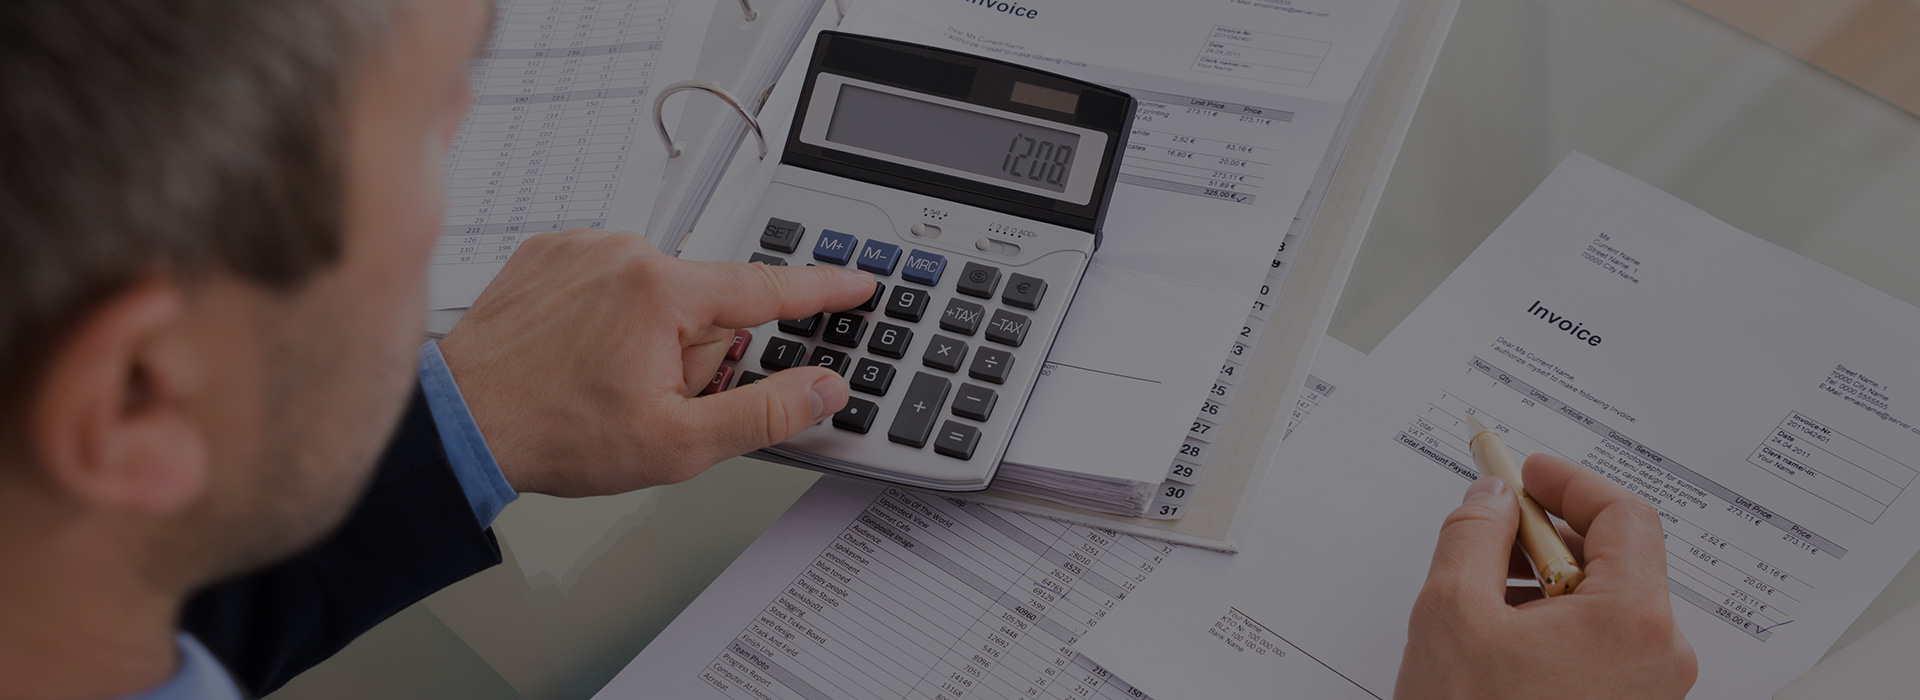 gestione-crediti